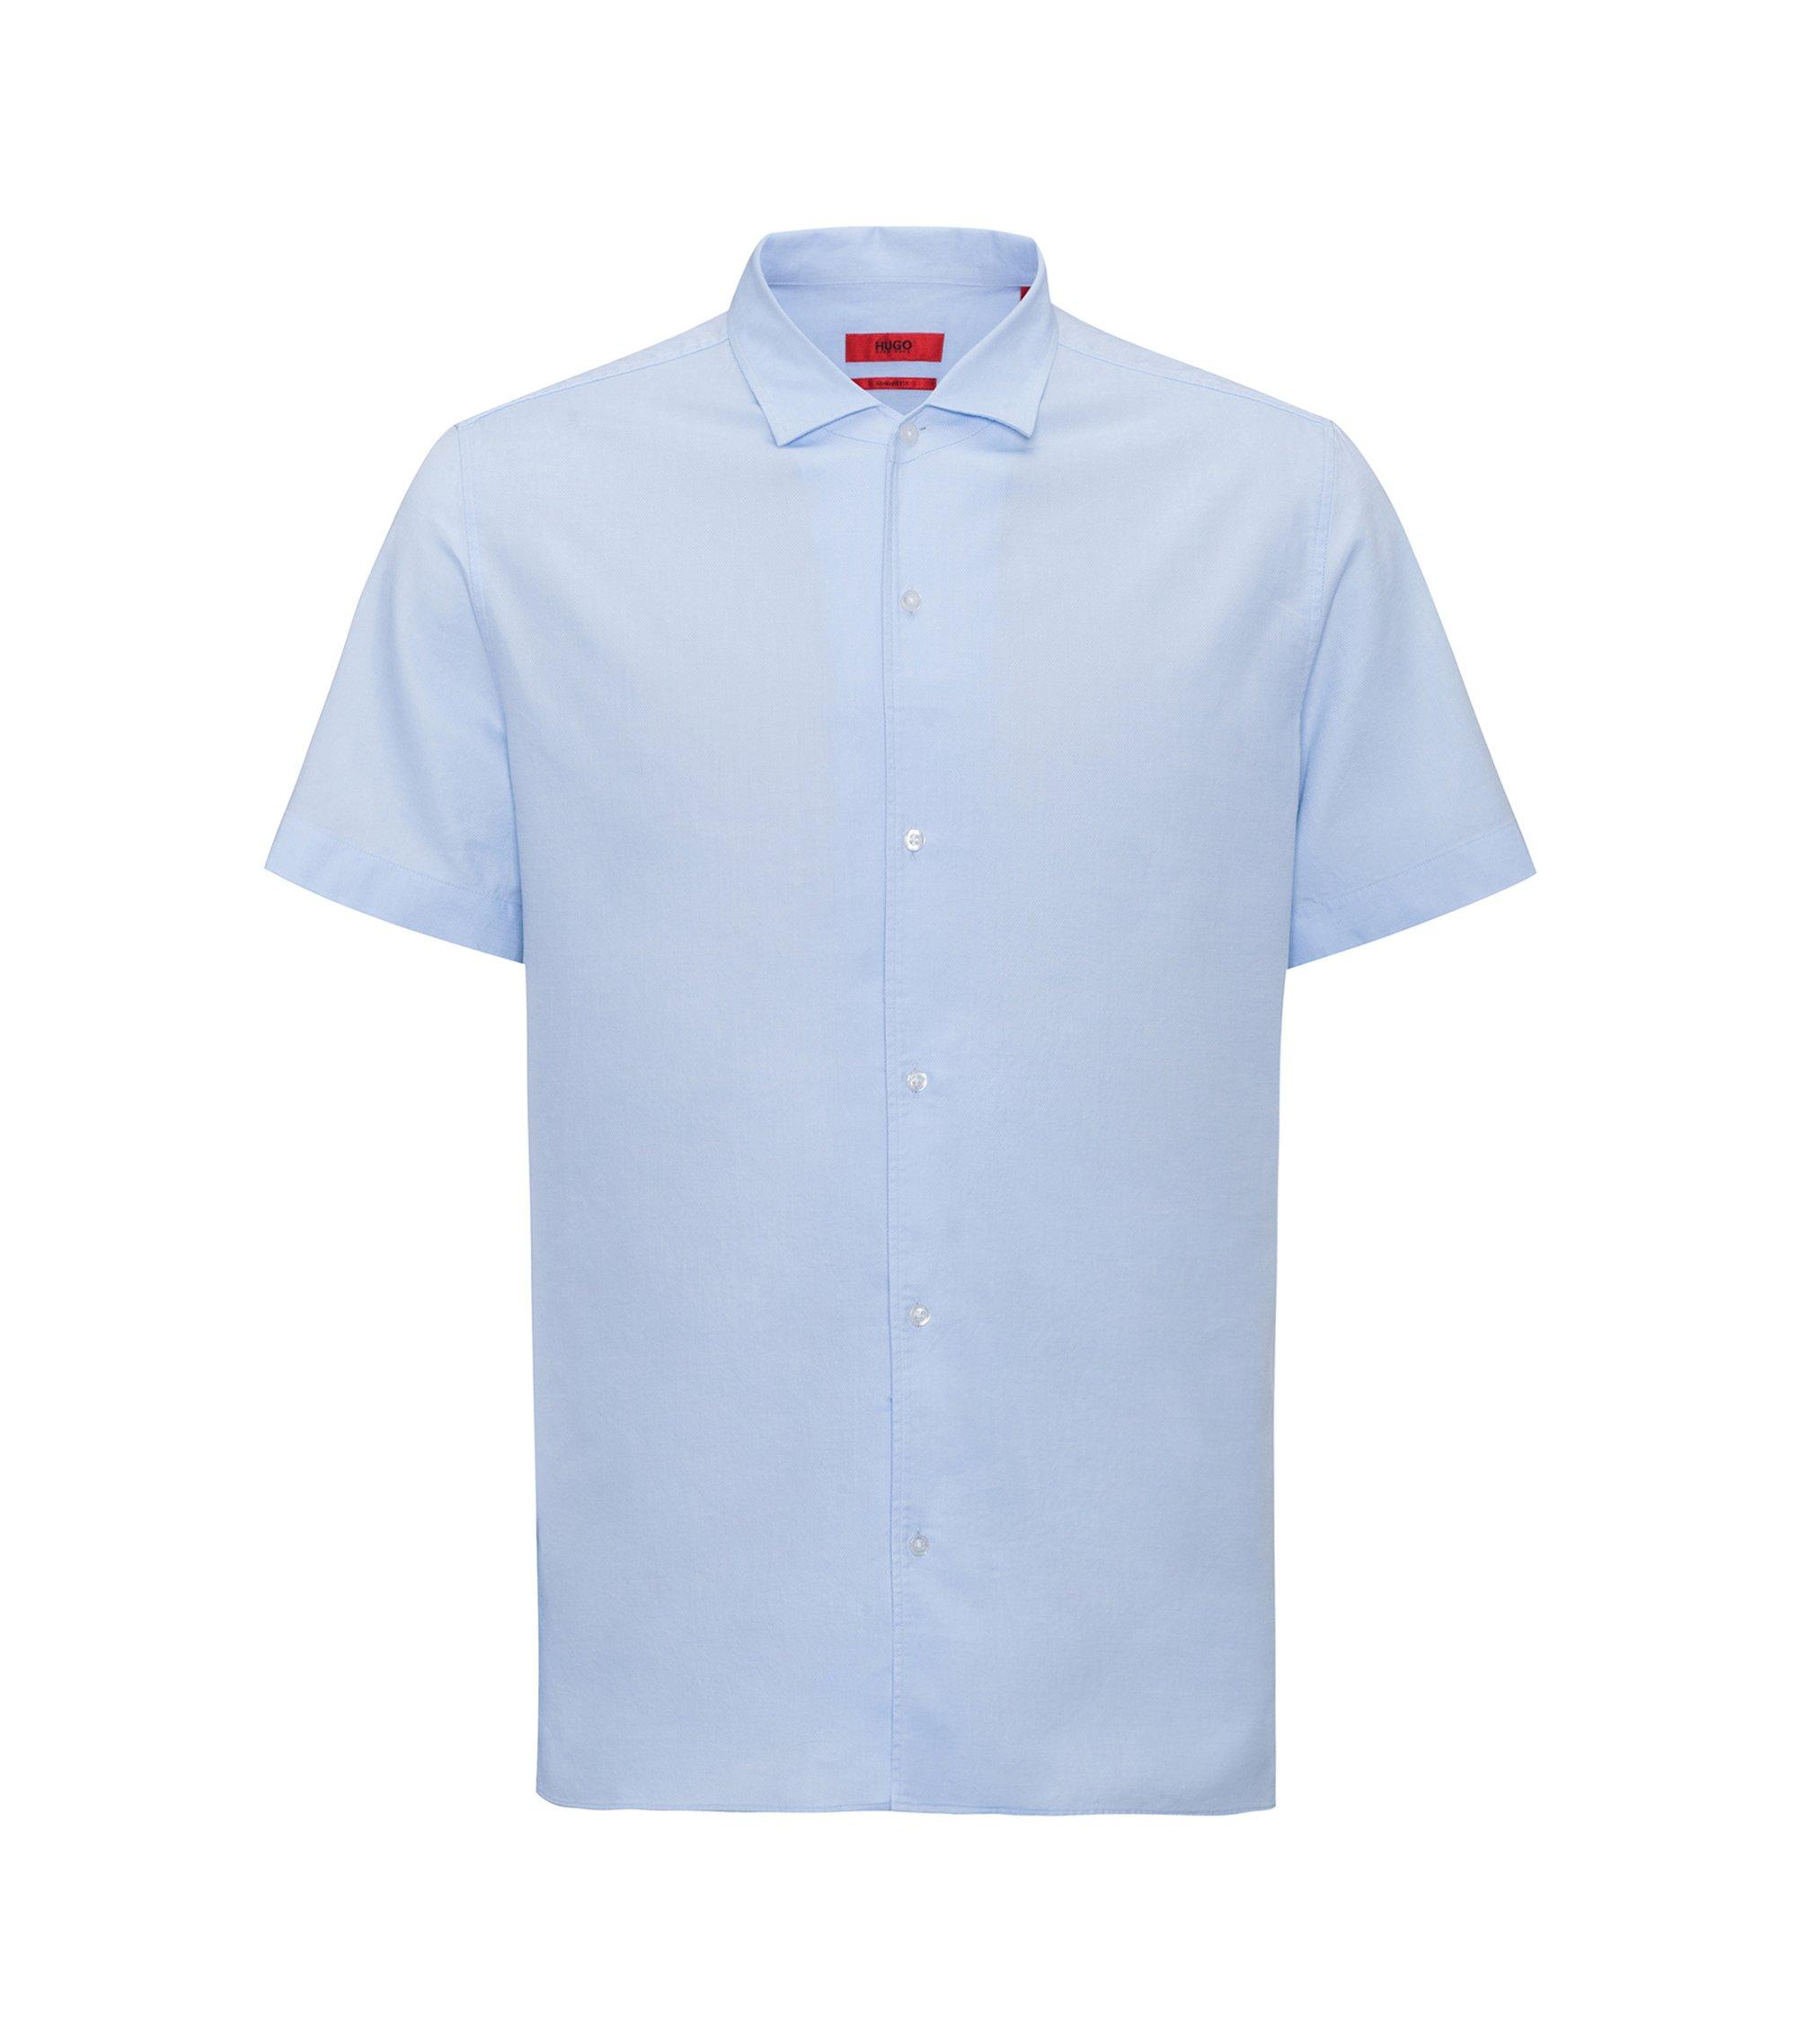 Structured Cotton Sport Shirt, Regular Fit | Ellory , Light Blue